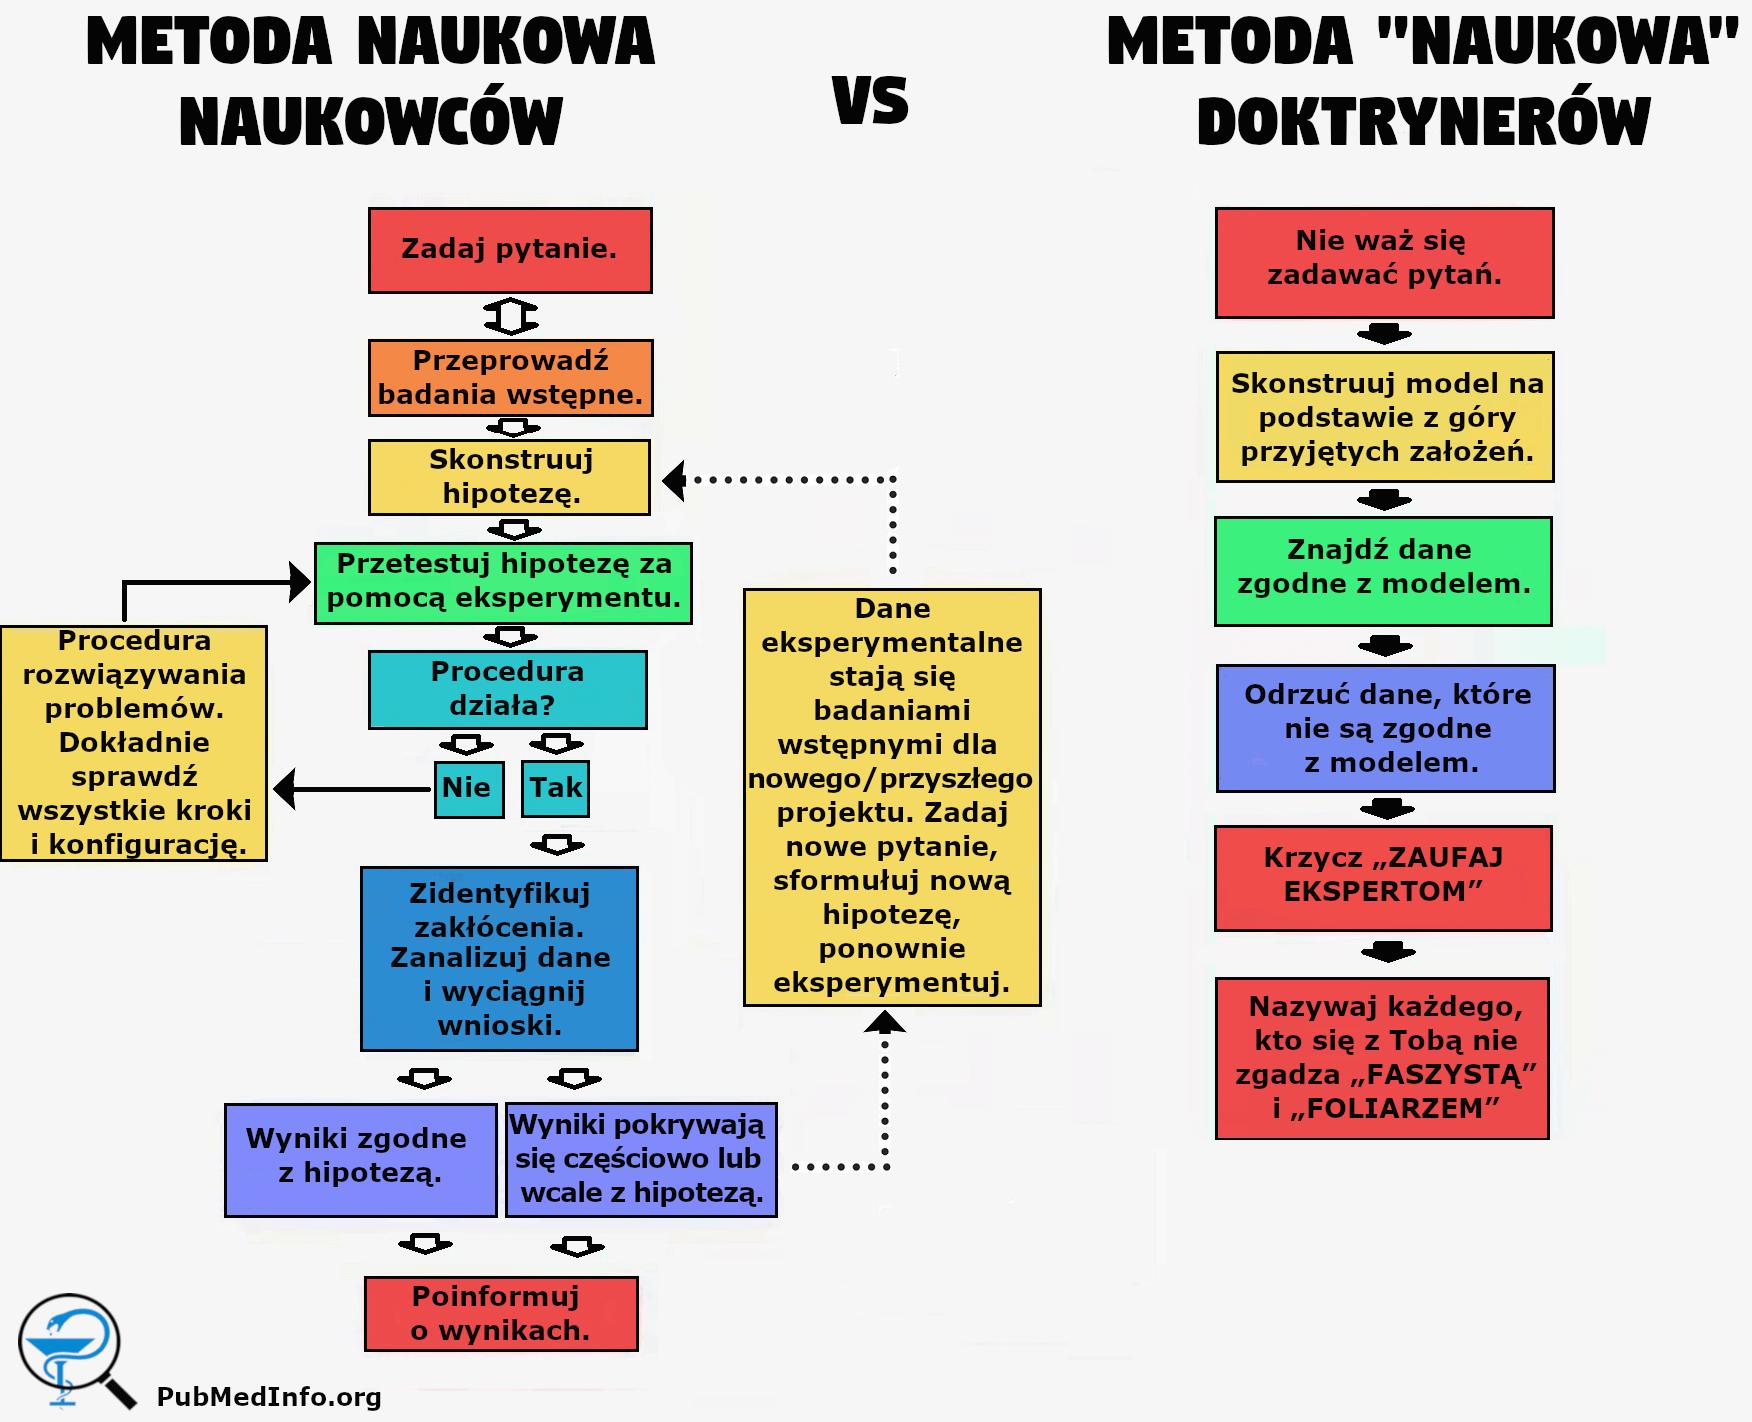 Metoda Naukowa naukowców vs Metoda naukowa Doktrynerów